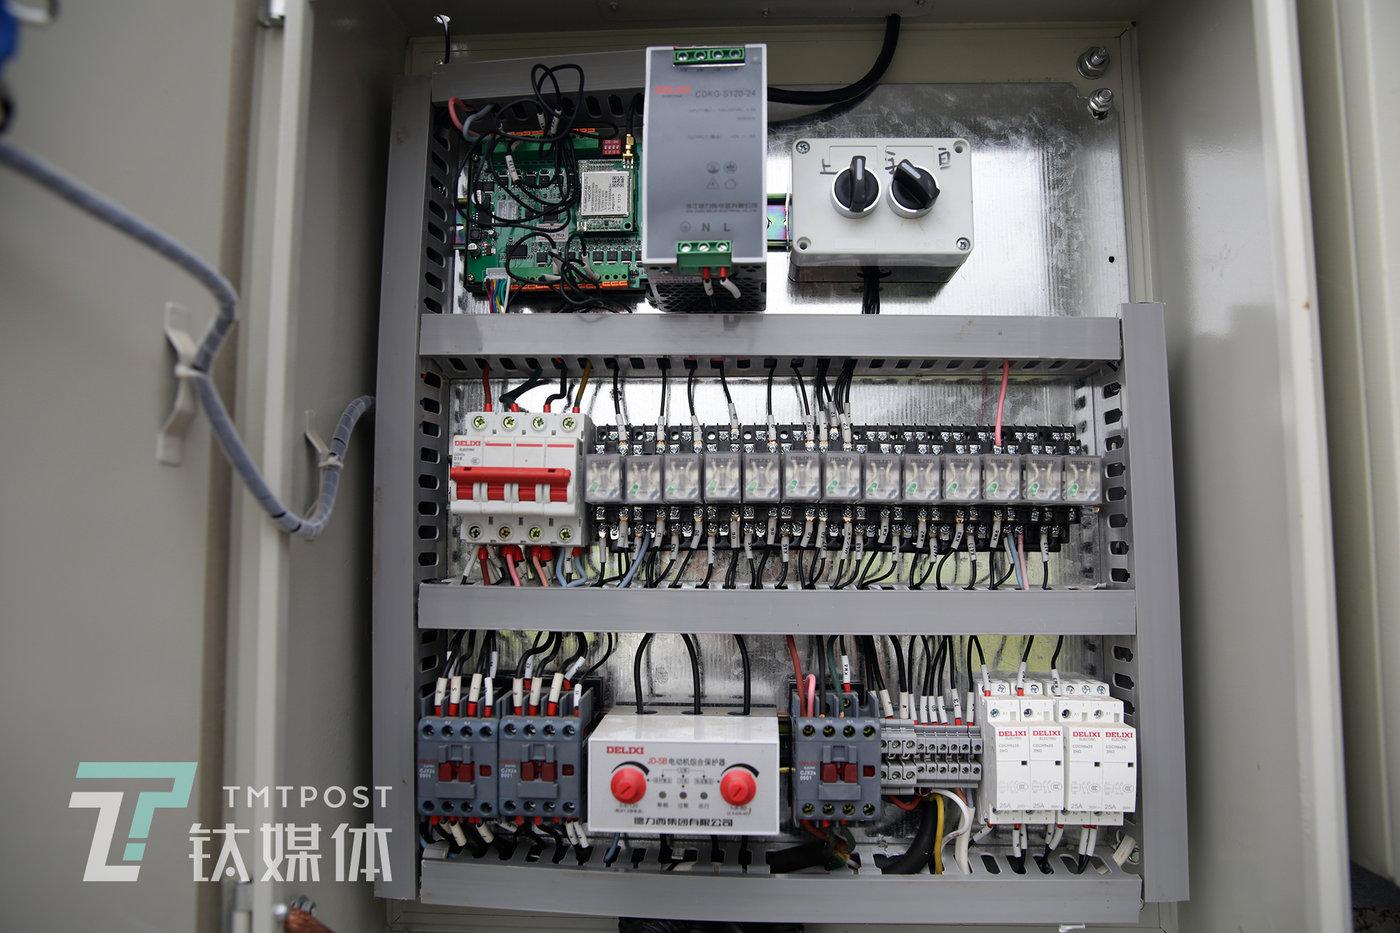 大棚内的核心电控模块,左上角是独立控制模块,它可以组网和拓展,还可以手动控制。